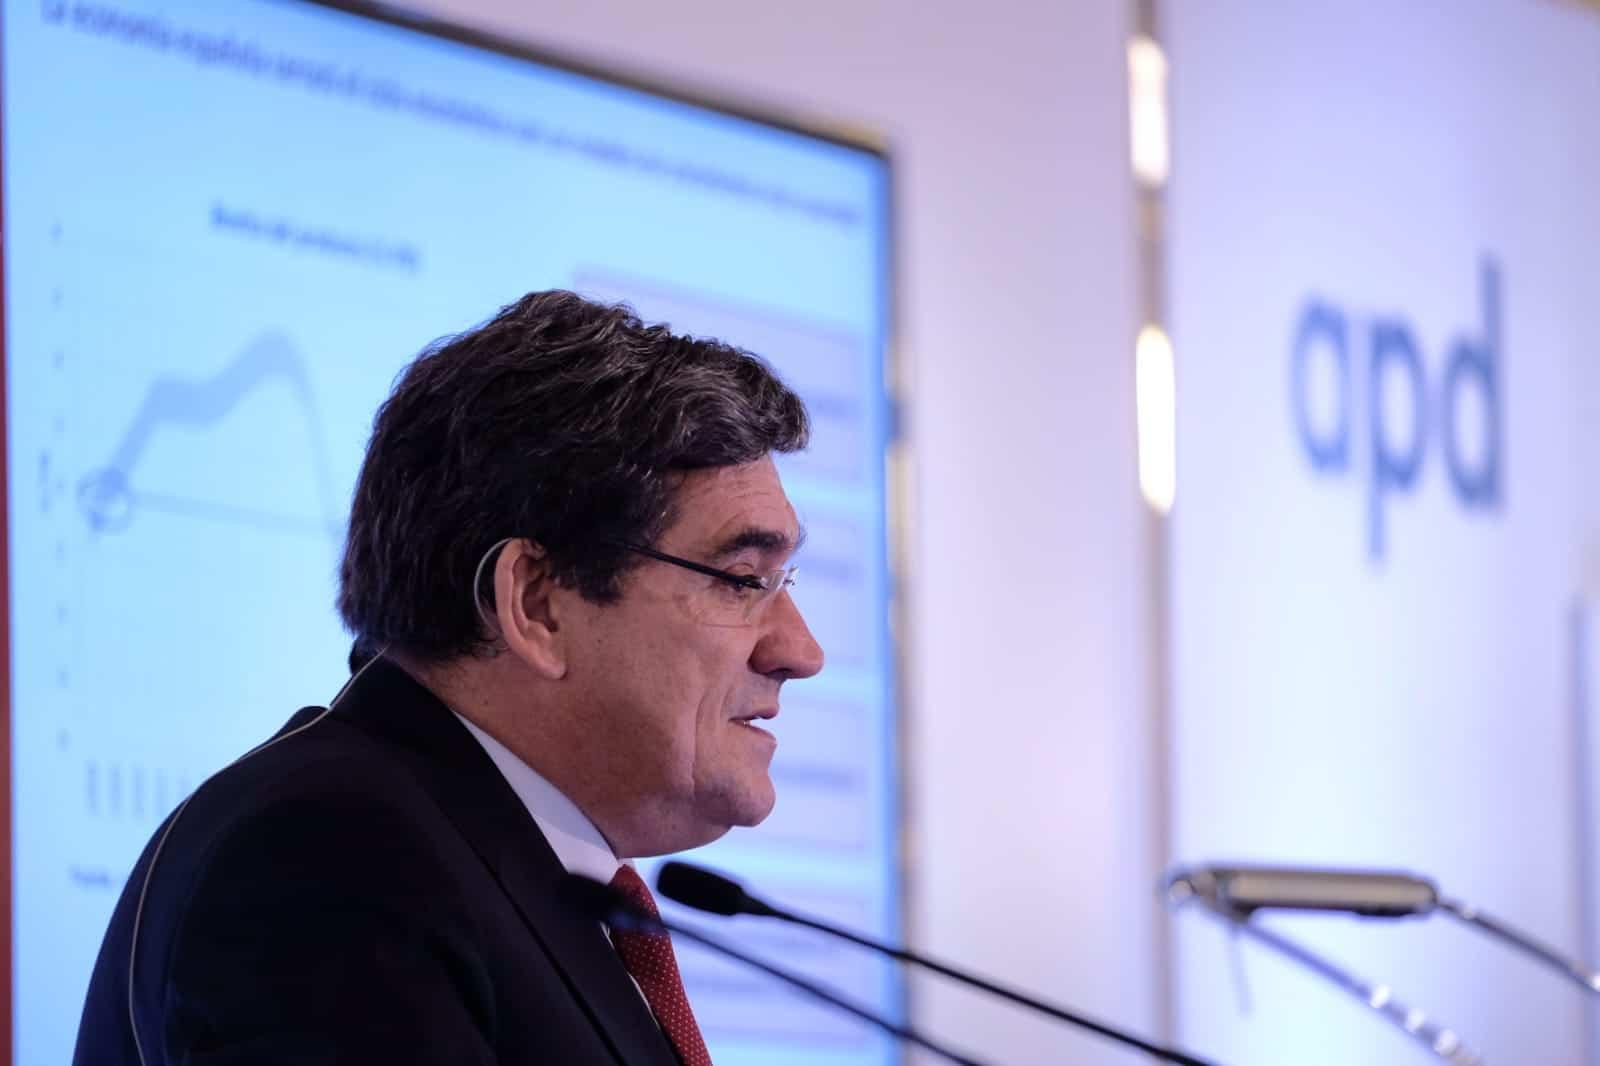 El presidente de la AIReF, José Luis Escrivá, en las jornadas de APD en Canarias